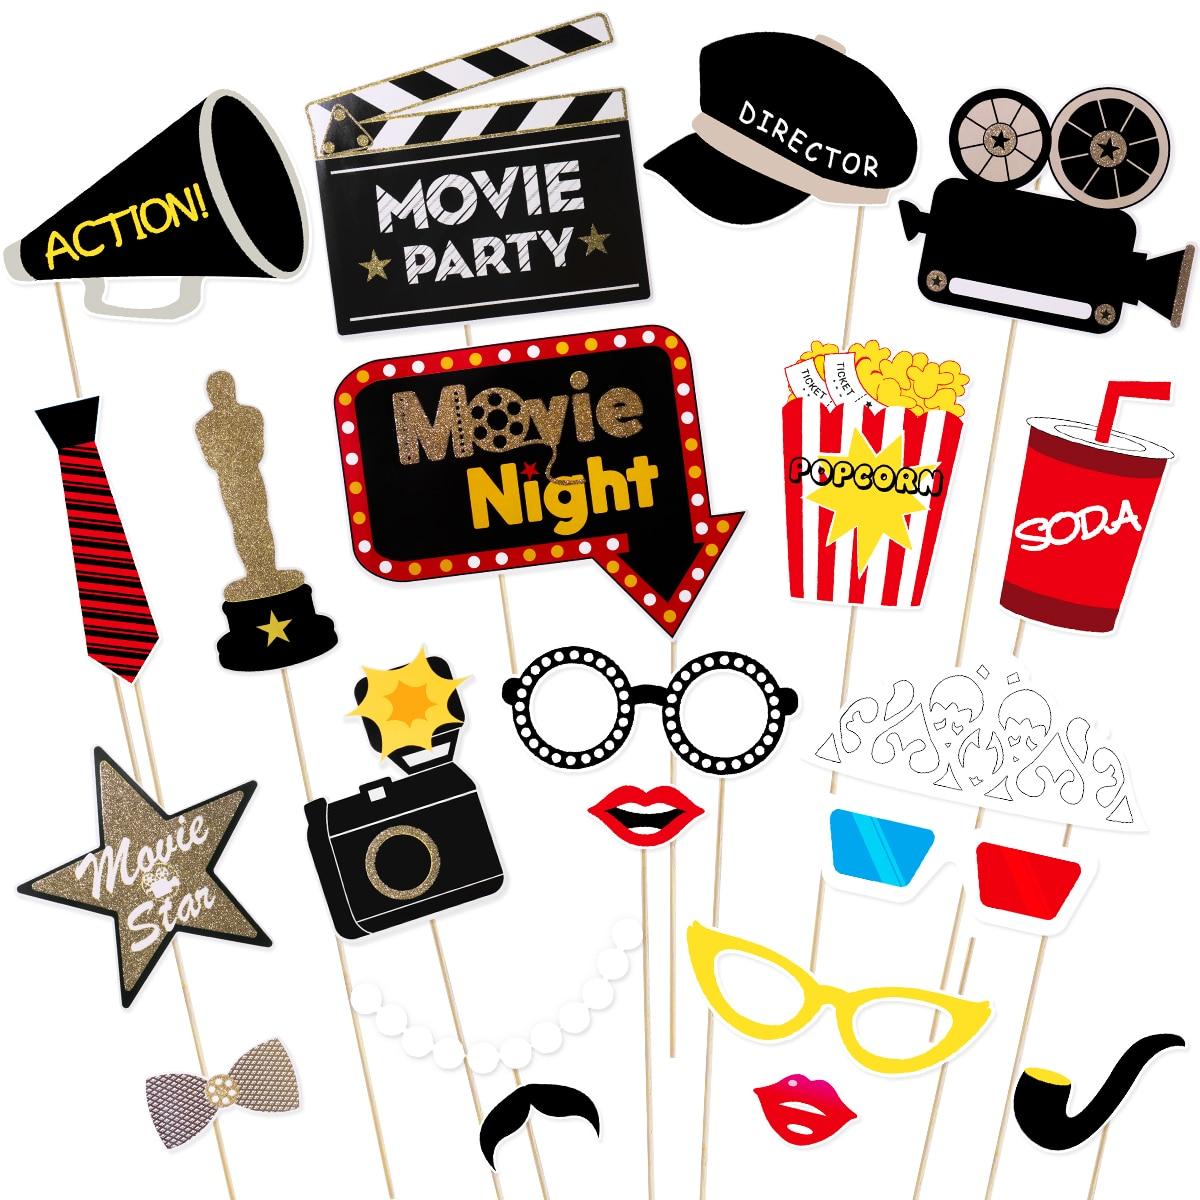 Tinksky фотостудия с изображением усов из фильма «Голливуд», 21 шт.